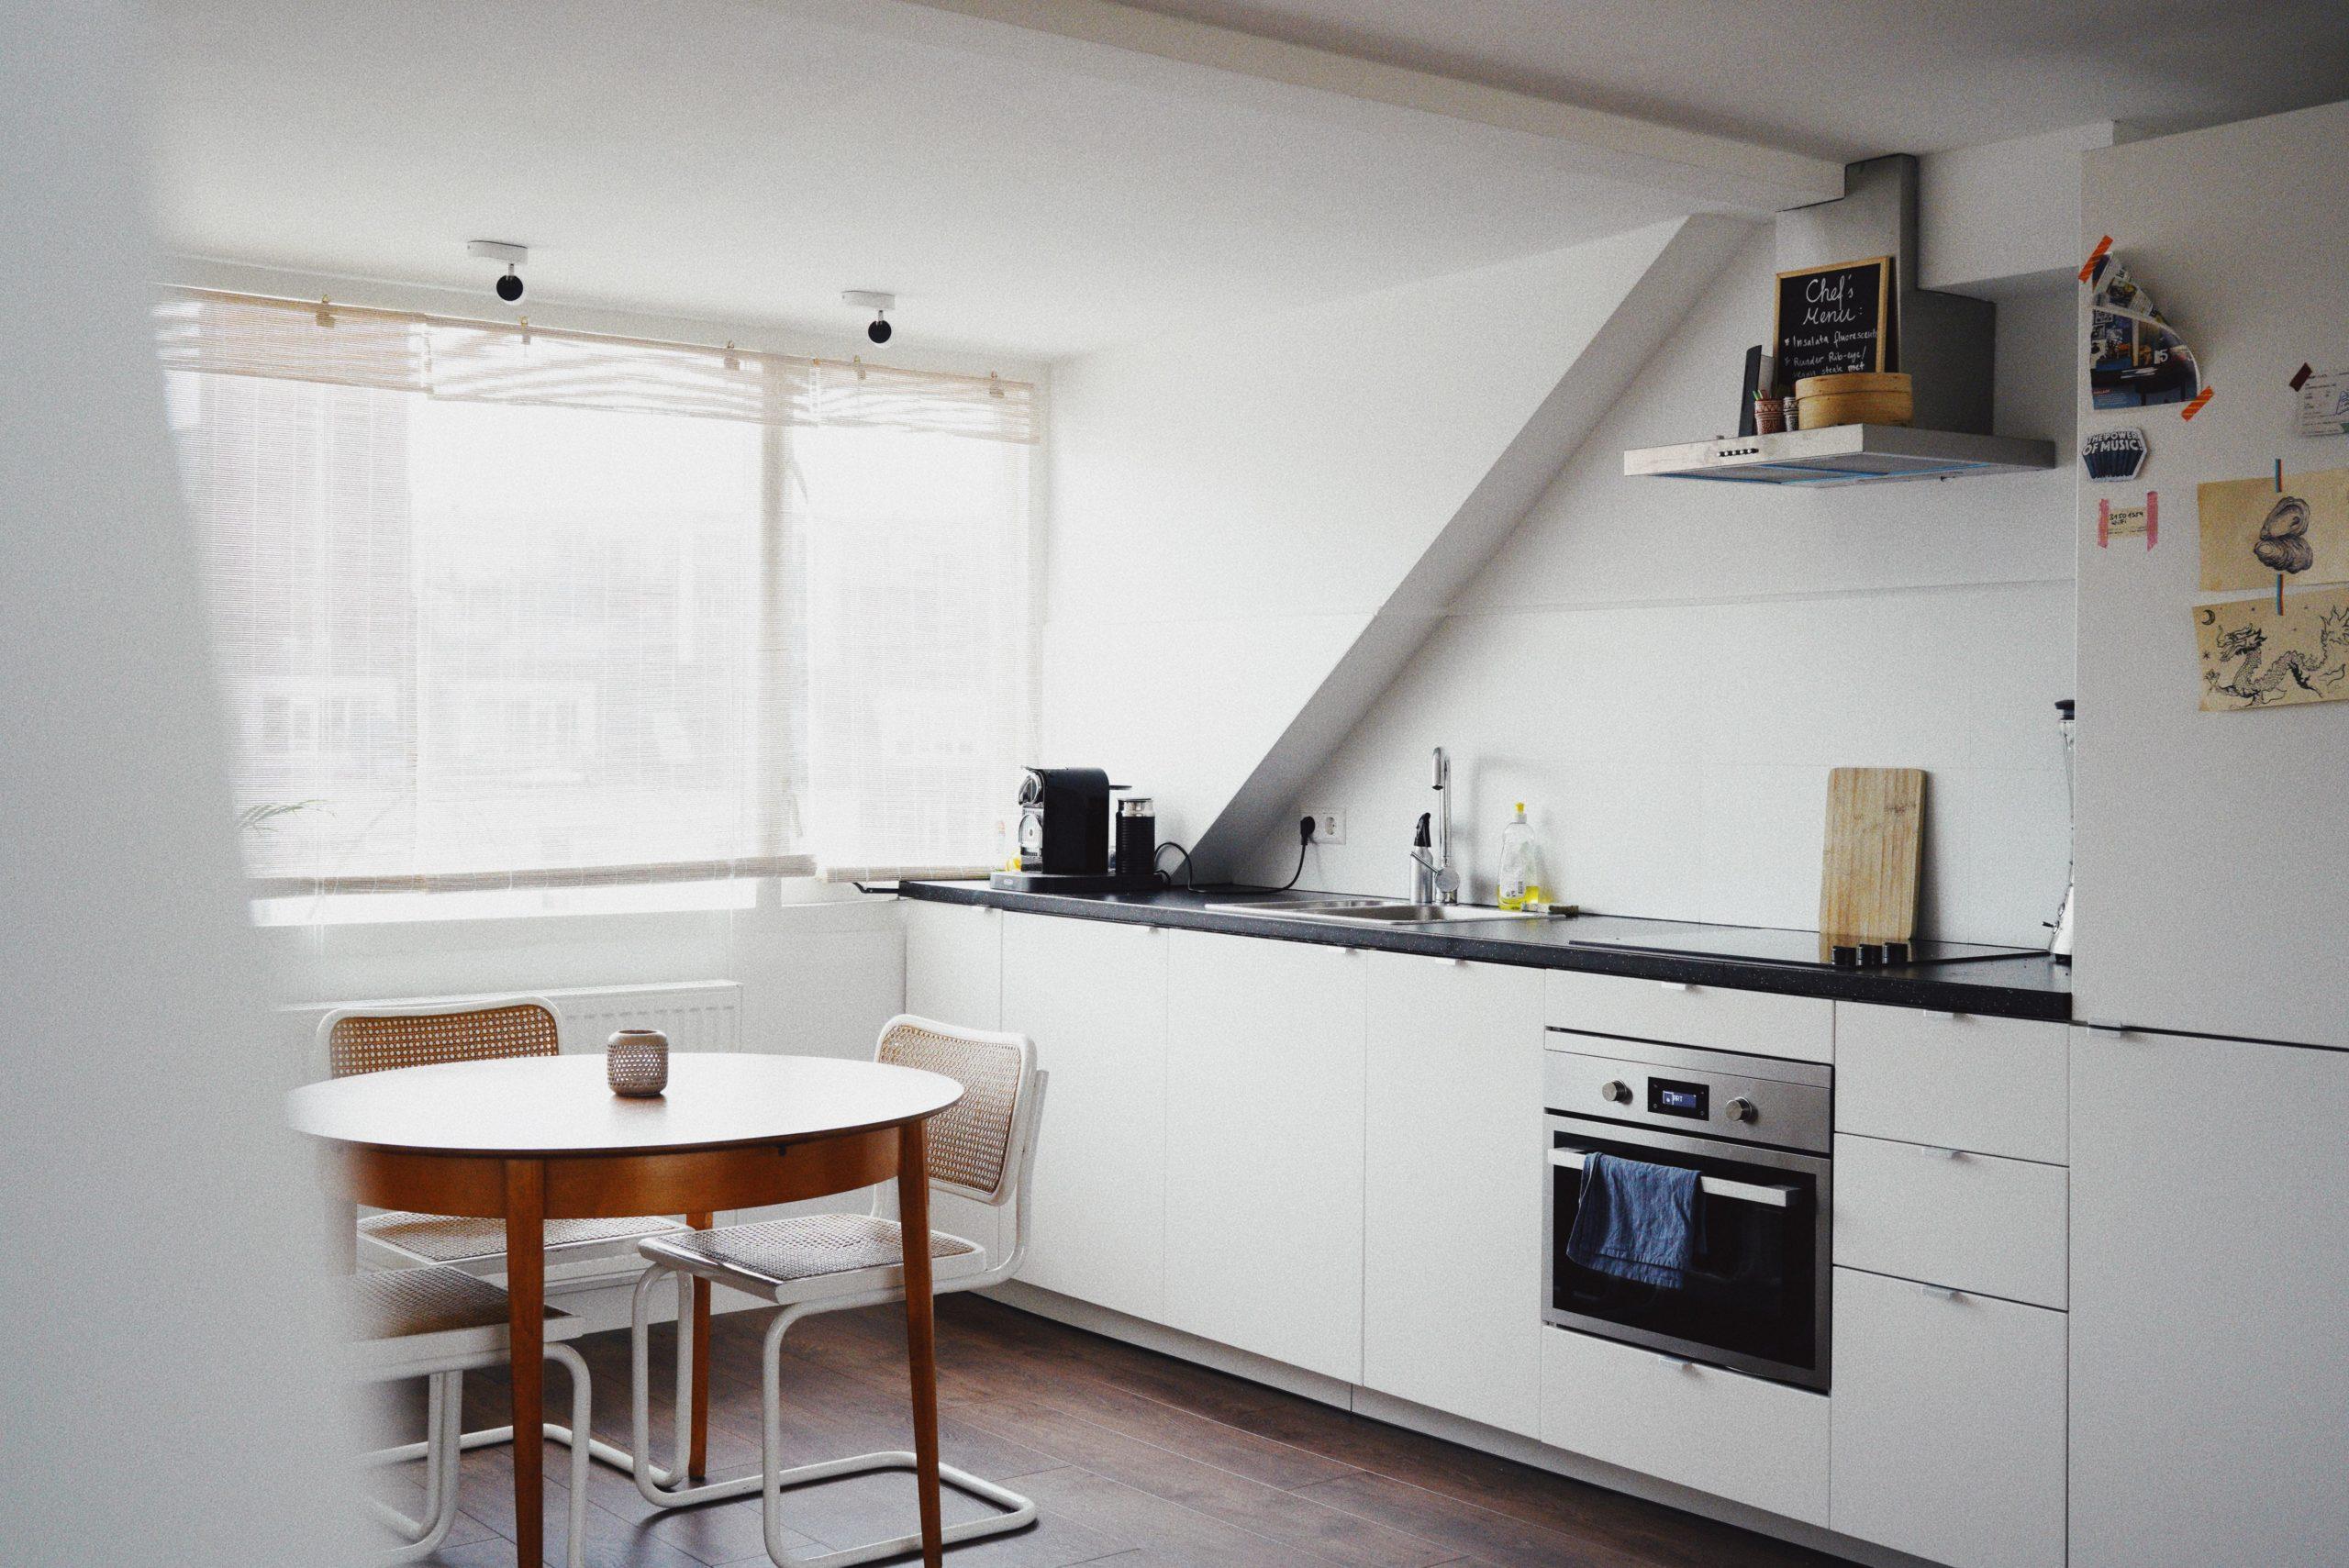 holztisch mit stühlen vor Küchenzeile und Fenster